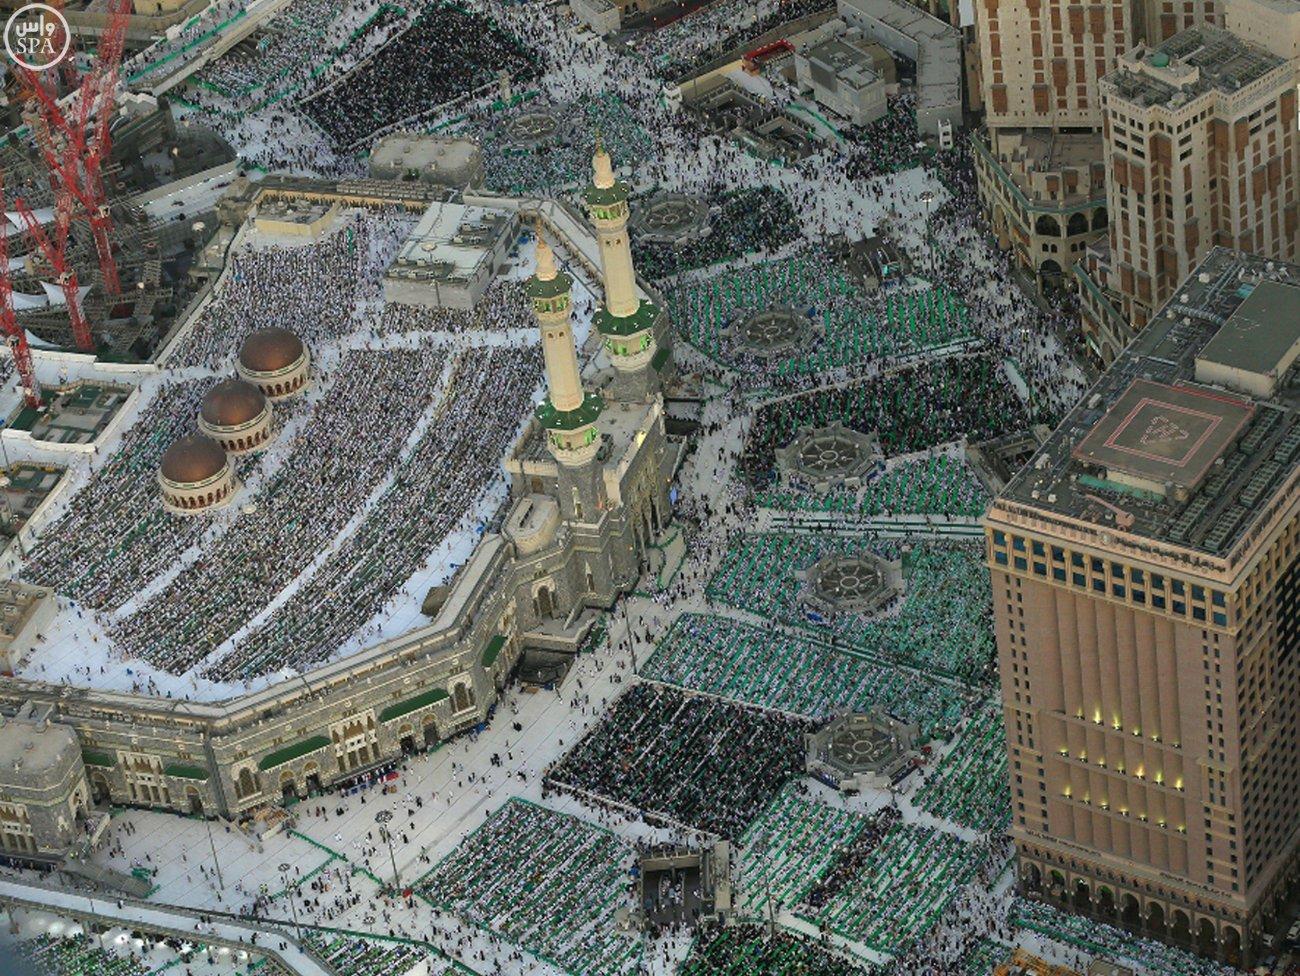 Masjidil Haram di malam ke 27 - suasana dari atas